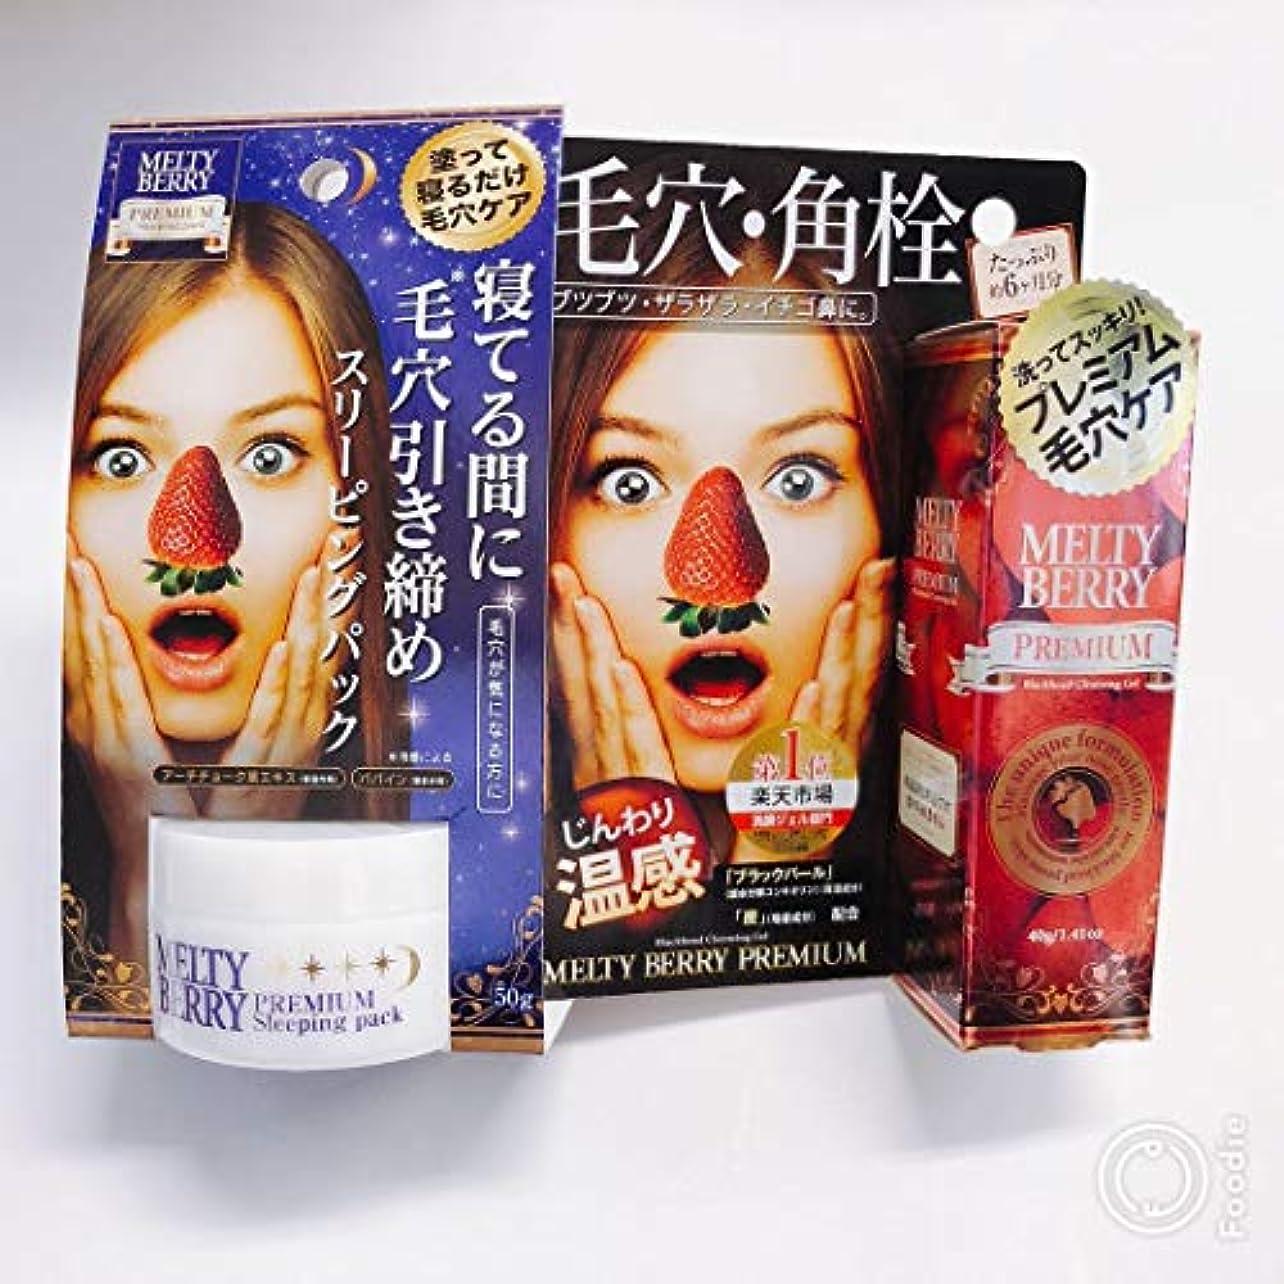 恐ろしいですどれギャザーメルティベリープレミアム毛穴角栓ジェル+プレミアム スリーピングパック セットMELTY BERRY草莓鼻